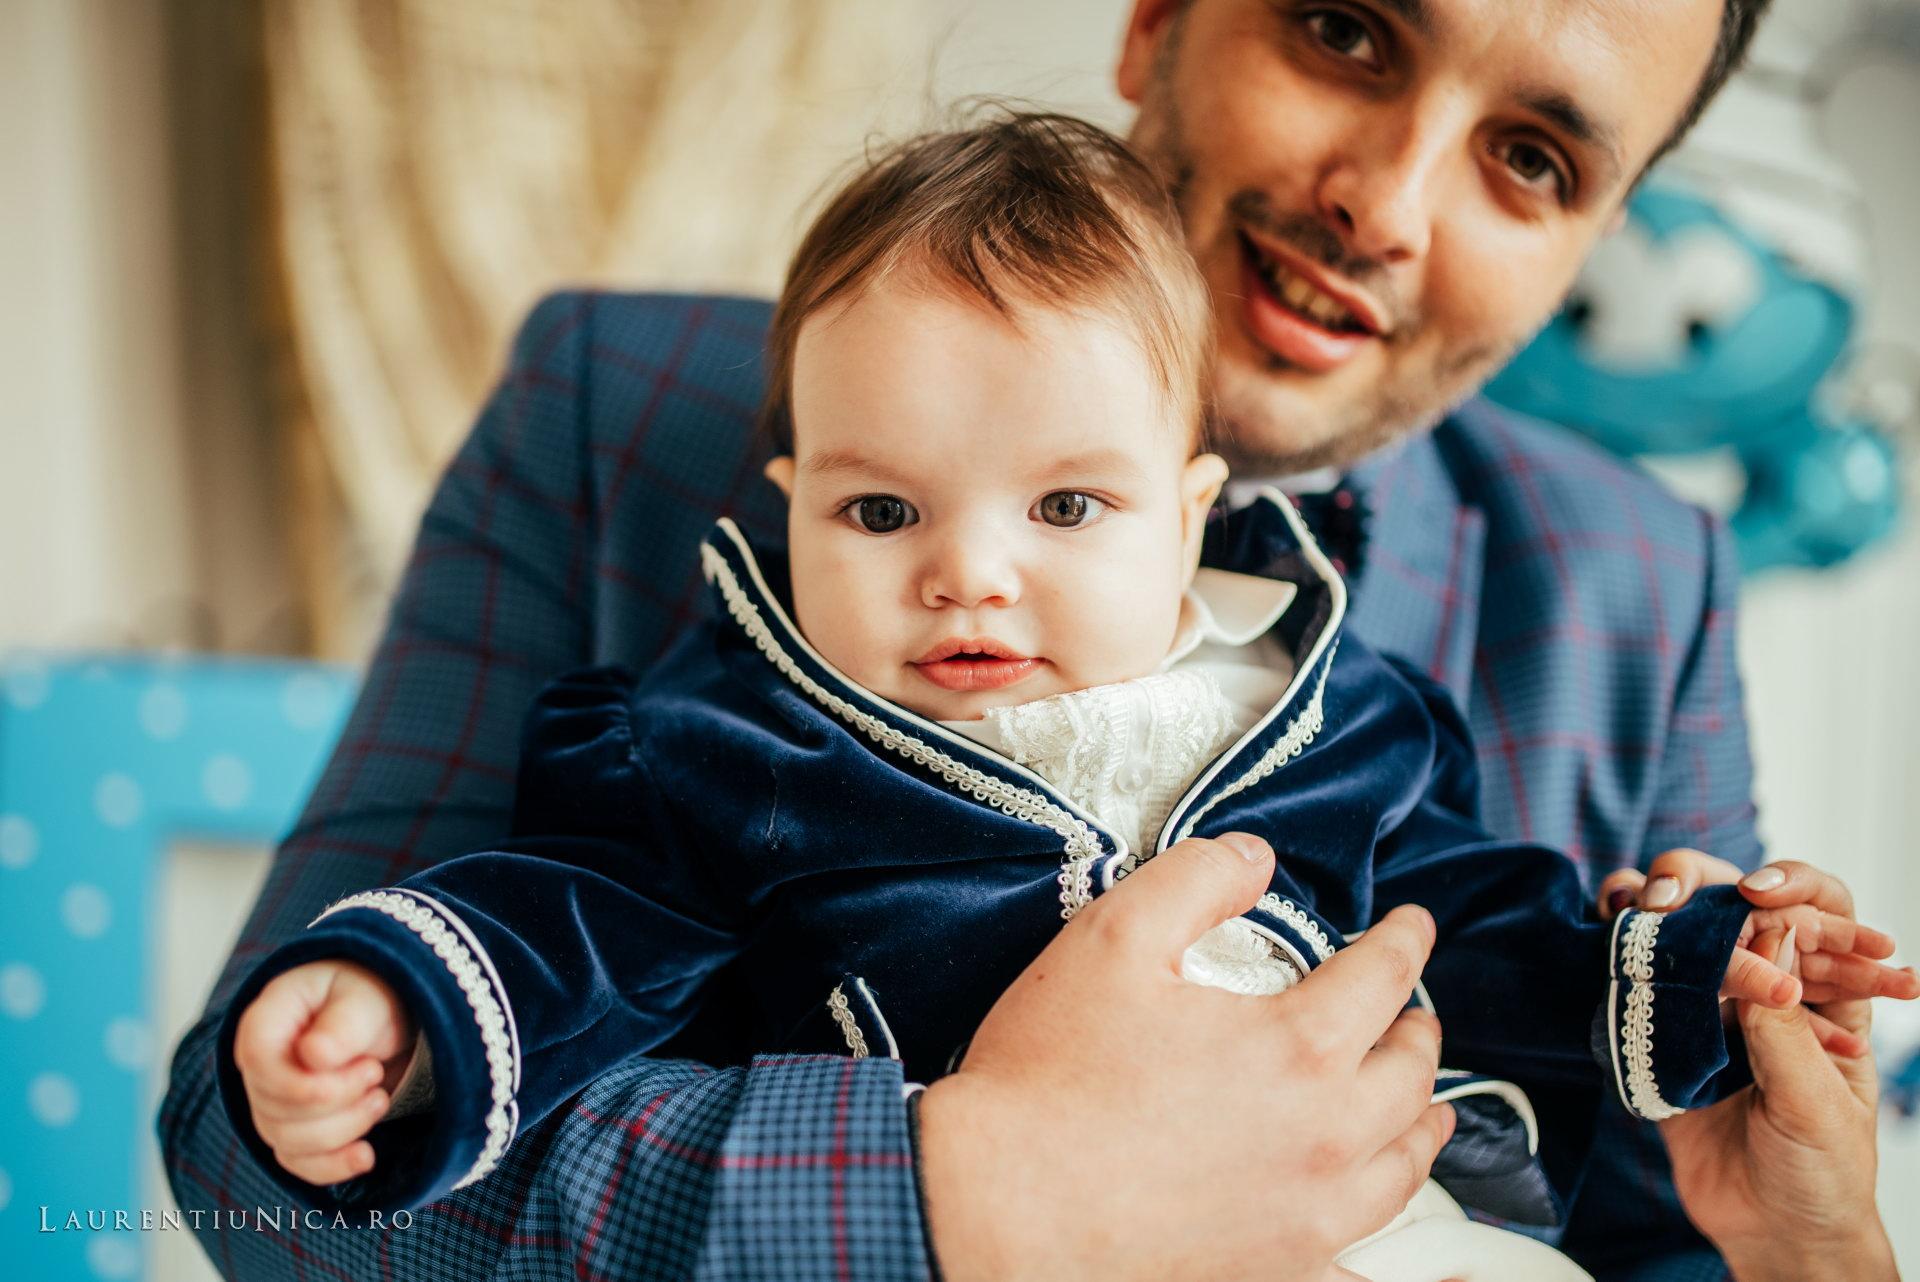 fotografii botez alexis aurelian foto laurentiu nica craiova 23 - Alexis Aurelian | Fotografii botez | Craiova